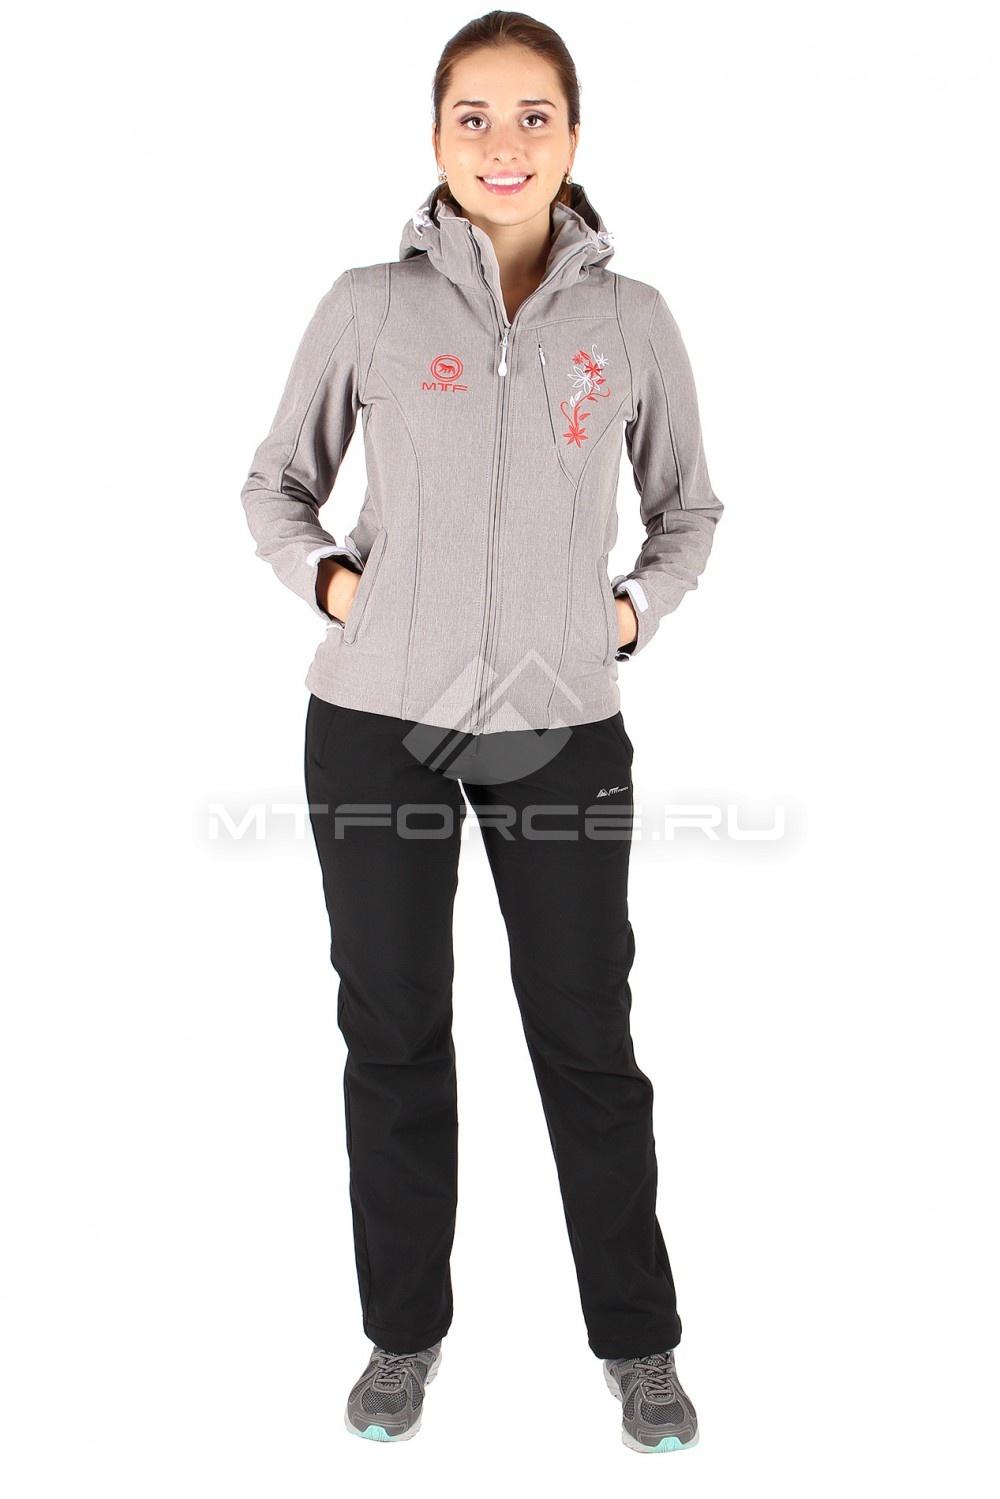 Купить                                  оптом Костюм виндстопер женский серого цвета 01512Sr